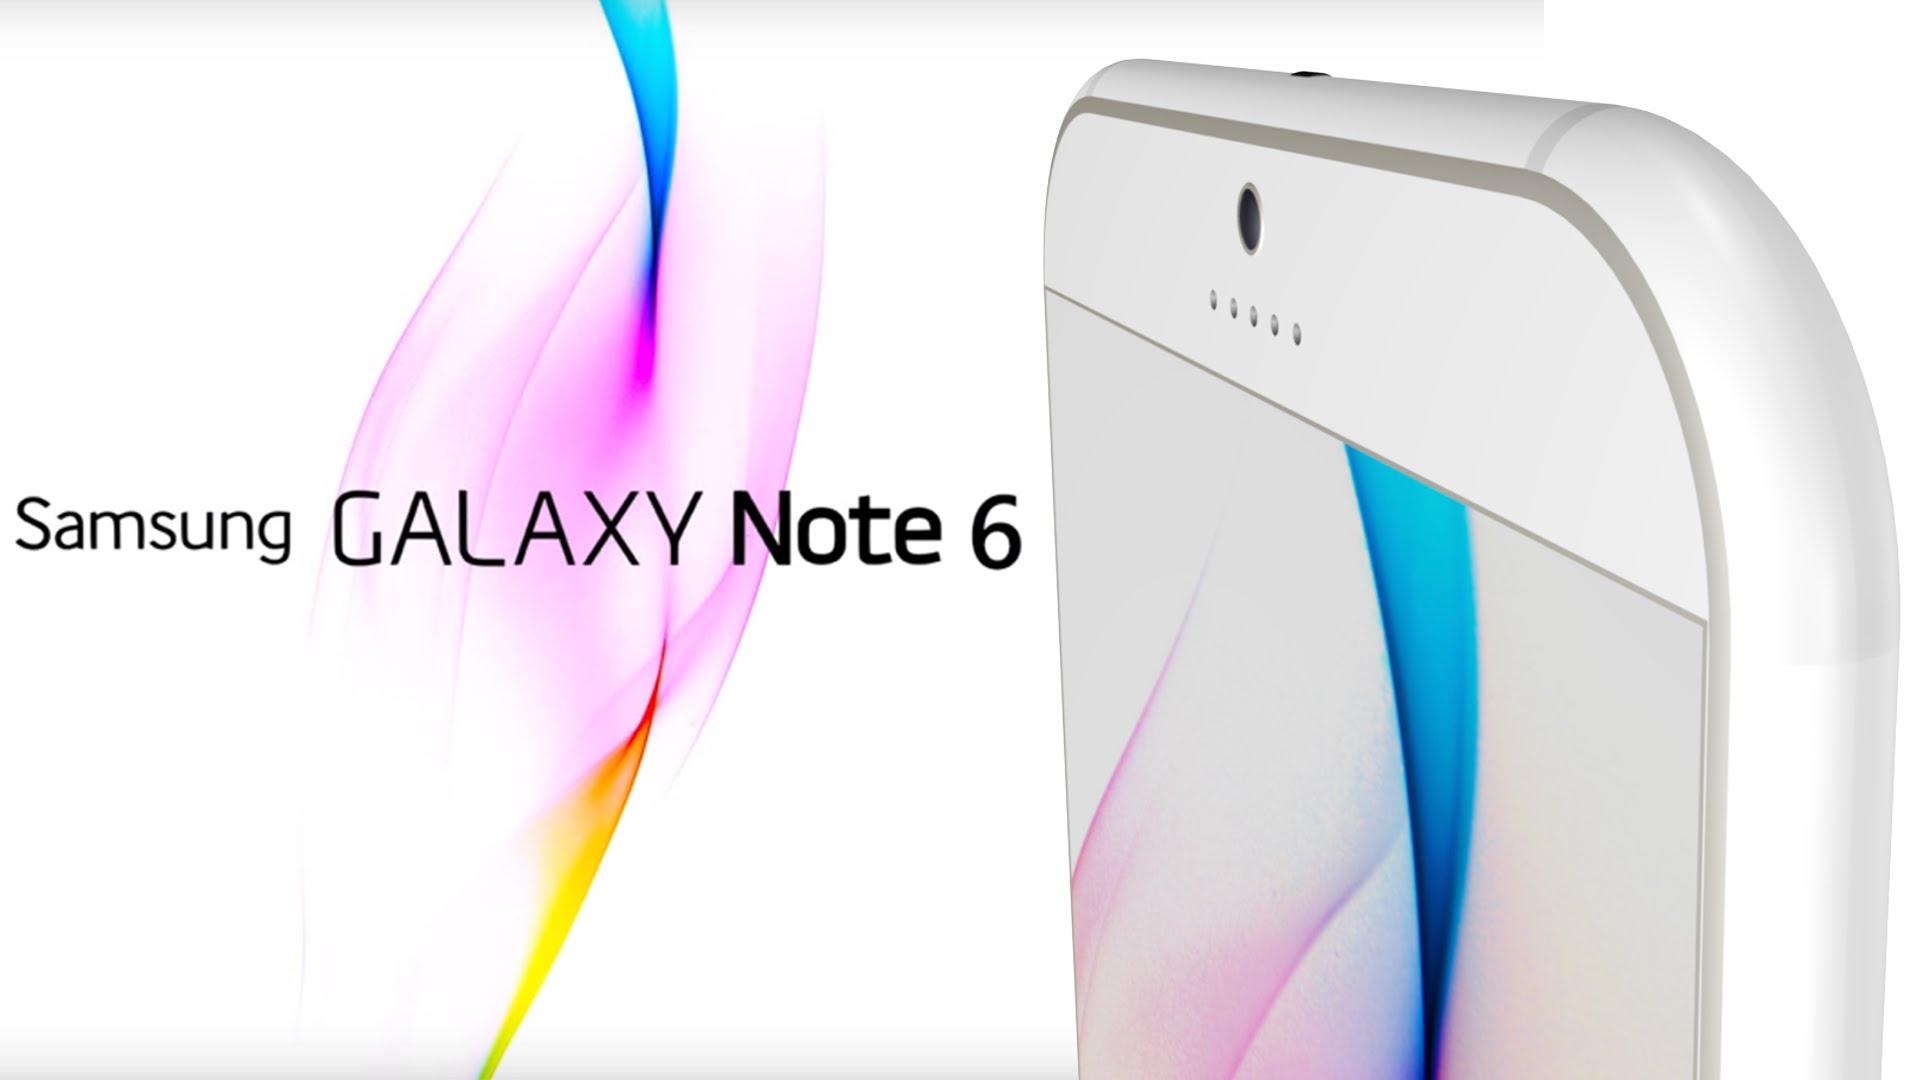 โผล่รายละเอียด !! Samsung Galaxy Note 6 จะใช้ชิป Snapdragon 823 !!